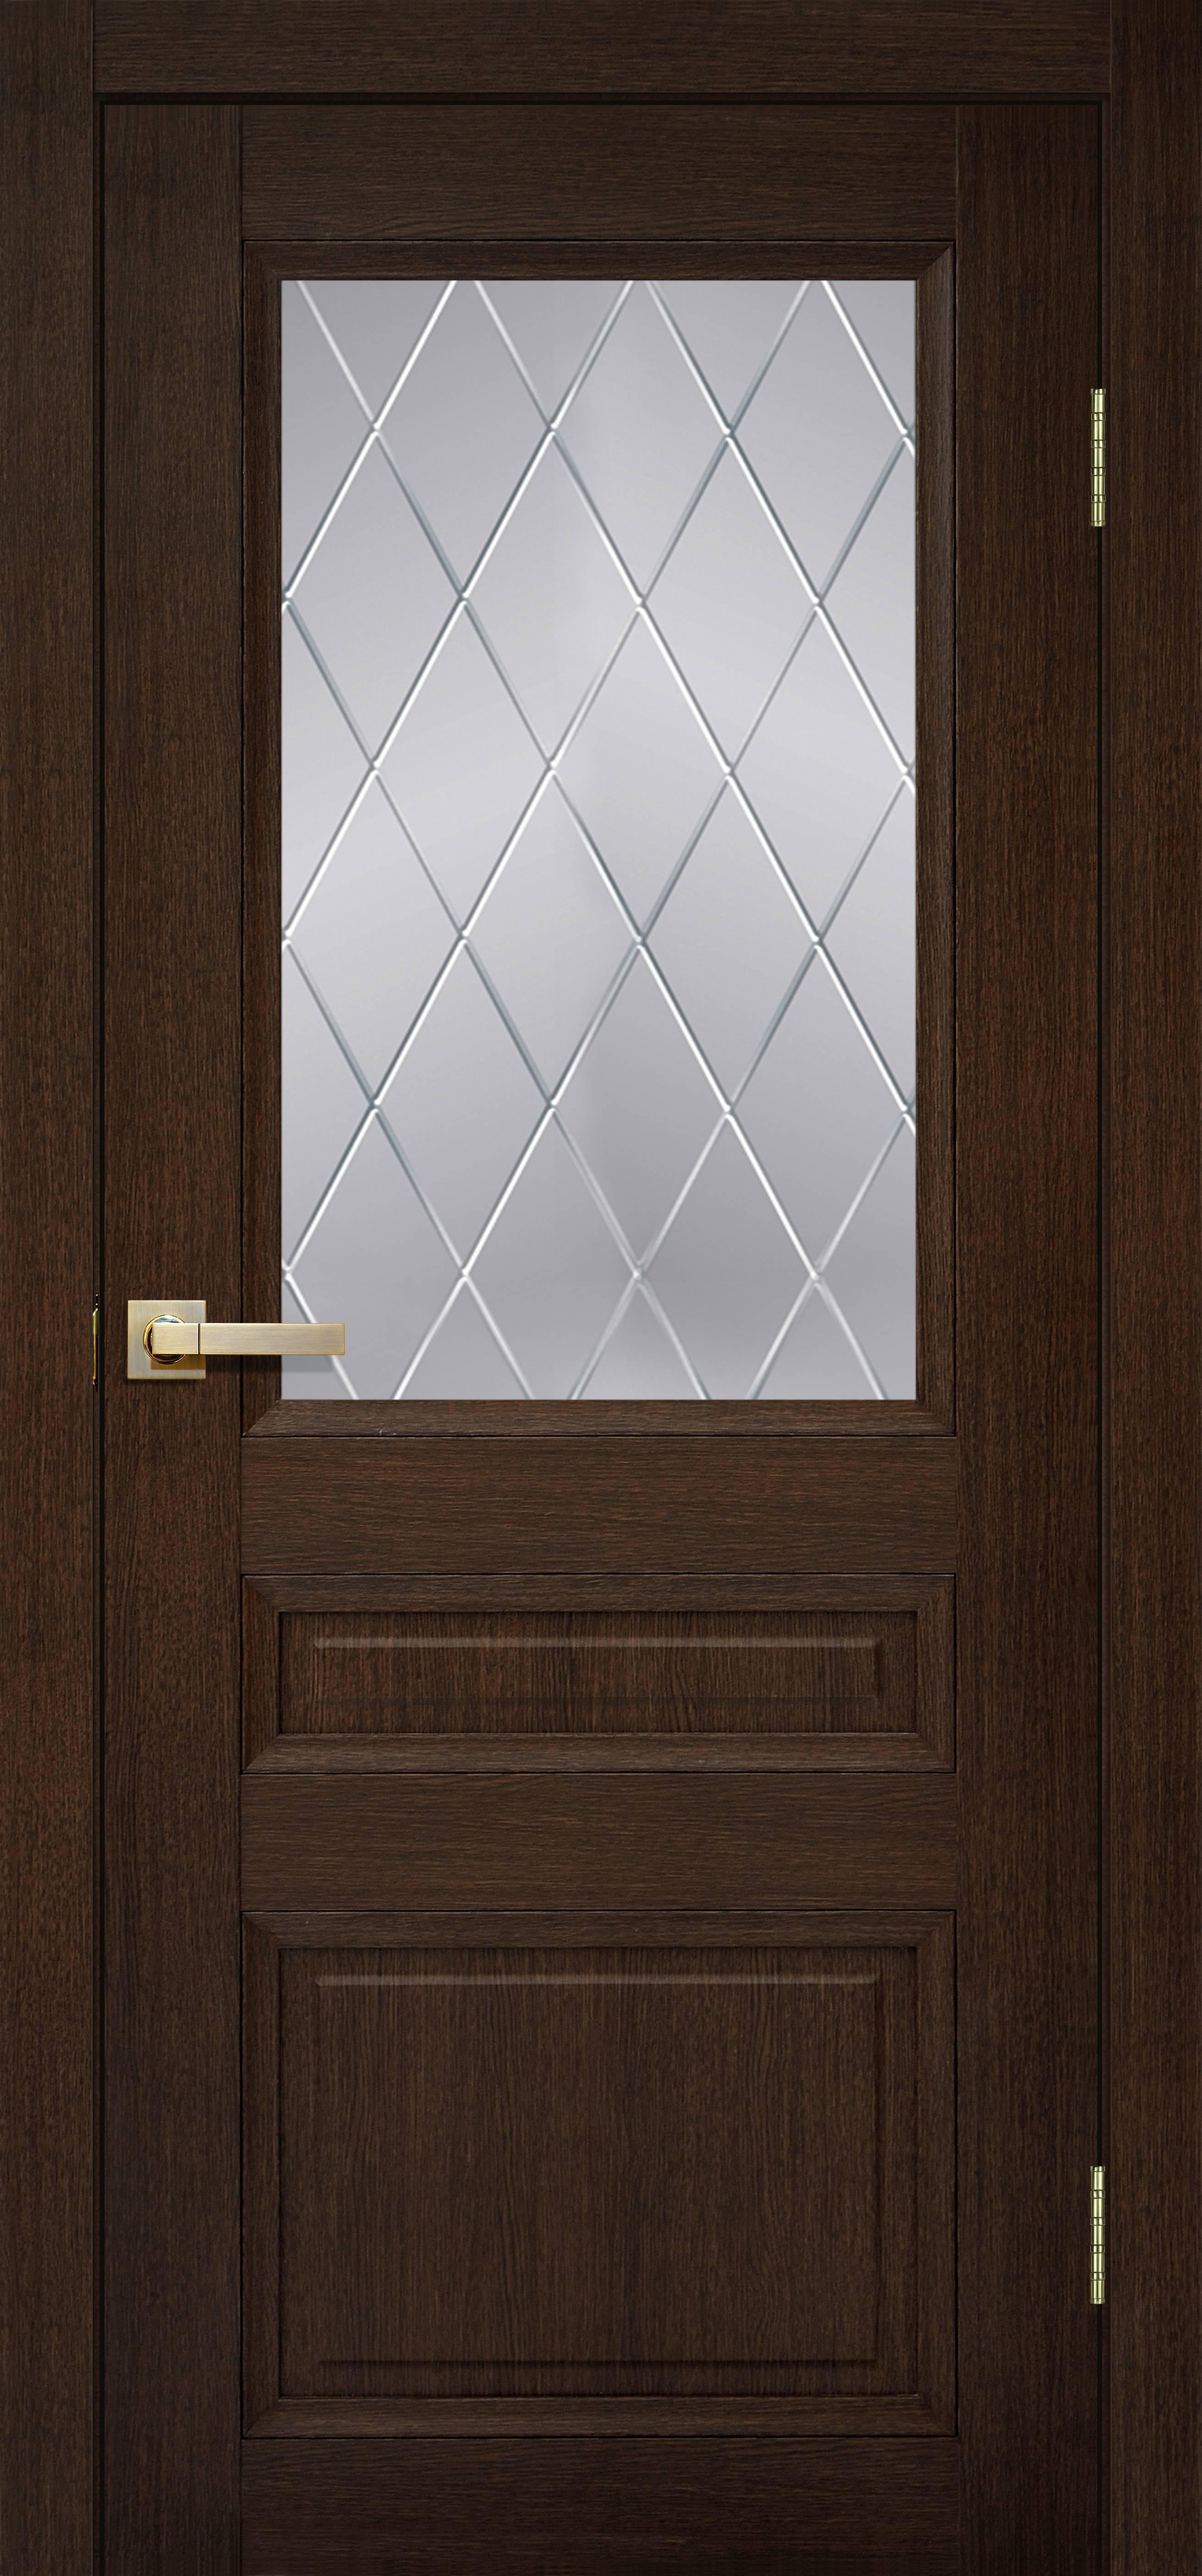 Итальянские межкомнатные двери: высокая мода в вашем доме и 60+ безупречных дизайнерских решений